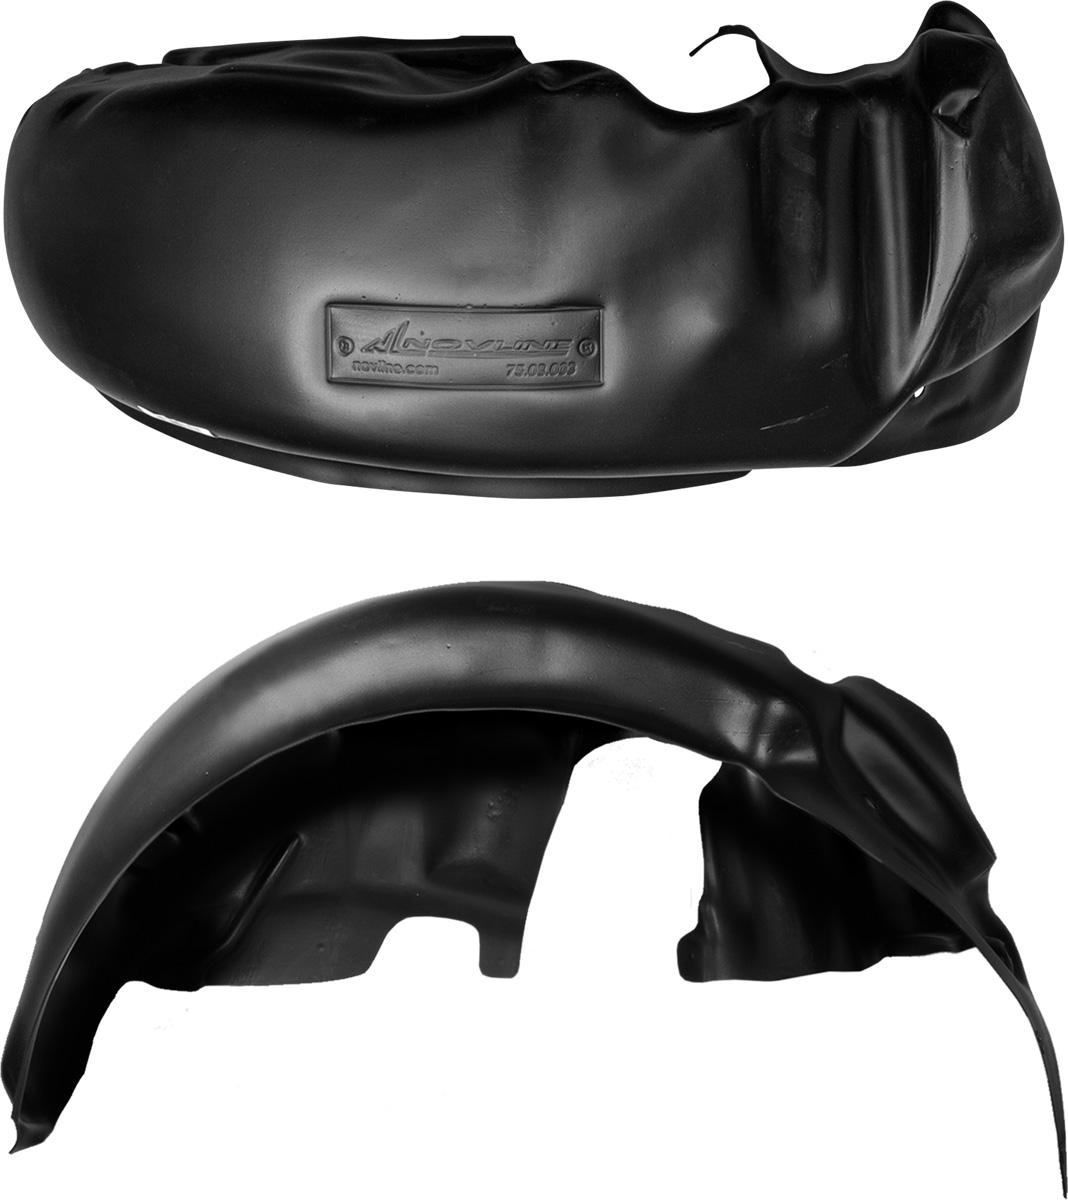 Подкрылок ВАЗ 11183 Kalina 2004-2013, б/б, задний правый4604Колесные ниши – одни из самых уязвимых зон днища вашего автомобиля. Они постоянно подвергаются воздействию со стороны дороги. Лучшая, почти абсолютная защита для них - специально отформованные пластиковые кожухи, которые называются подкрылками, или локерами. Производятся они как для отечественных моделей автомобилей, так и для иномарок. Подкрылки выполнены из высококачественного, экологически чистого пластика. Обеспечивают надежную защиту кузова автомобиля от пескоструйного эффекта и негативного влияния, агрессивных антигололедных реагентов. Пластик обладает более низкой теплопроводностью, чем металл, поэтому в зимний период эксплуатации использование пластиковых подкрылков позволяет лучше защитить колесные ниши от налипания снега и образования наледи. Оригинальность конструкции подчеркивает элегантность автомобиля, бережно защищает нанесенное на днище кузова антикоррозийное покрытие и позволяет осуществить крепление подкрылков внутри колесной арки практически без дополнительного...